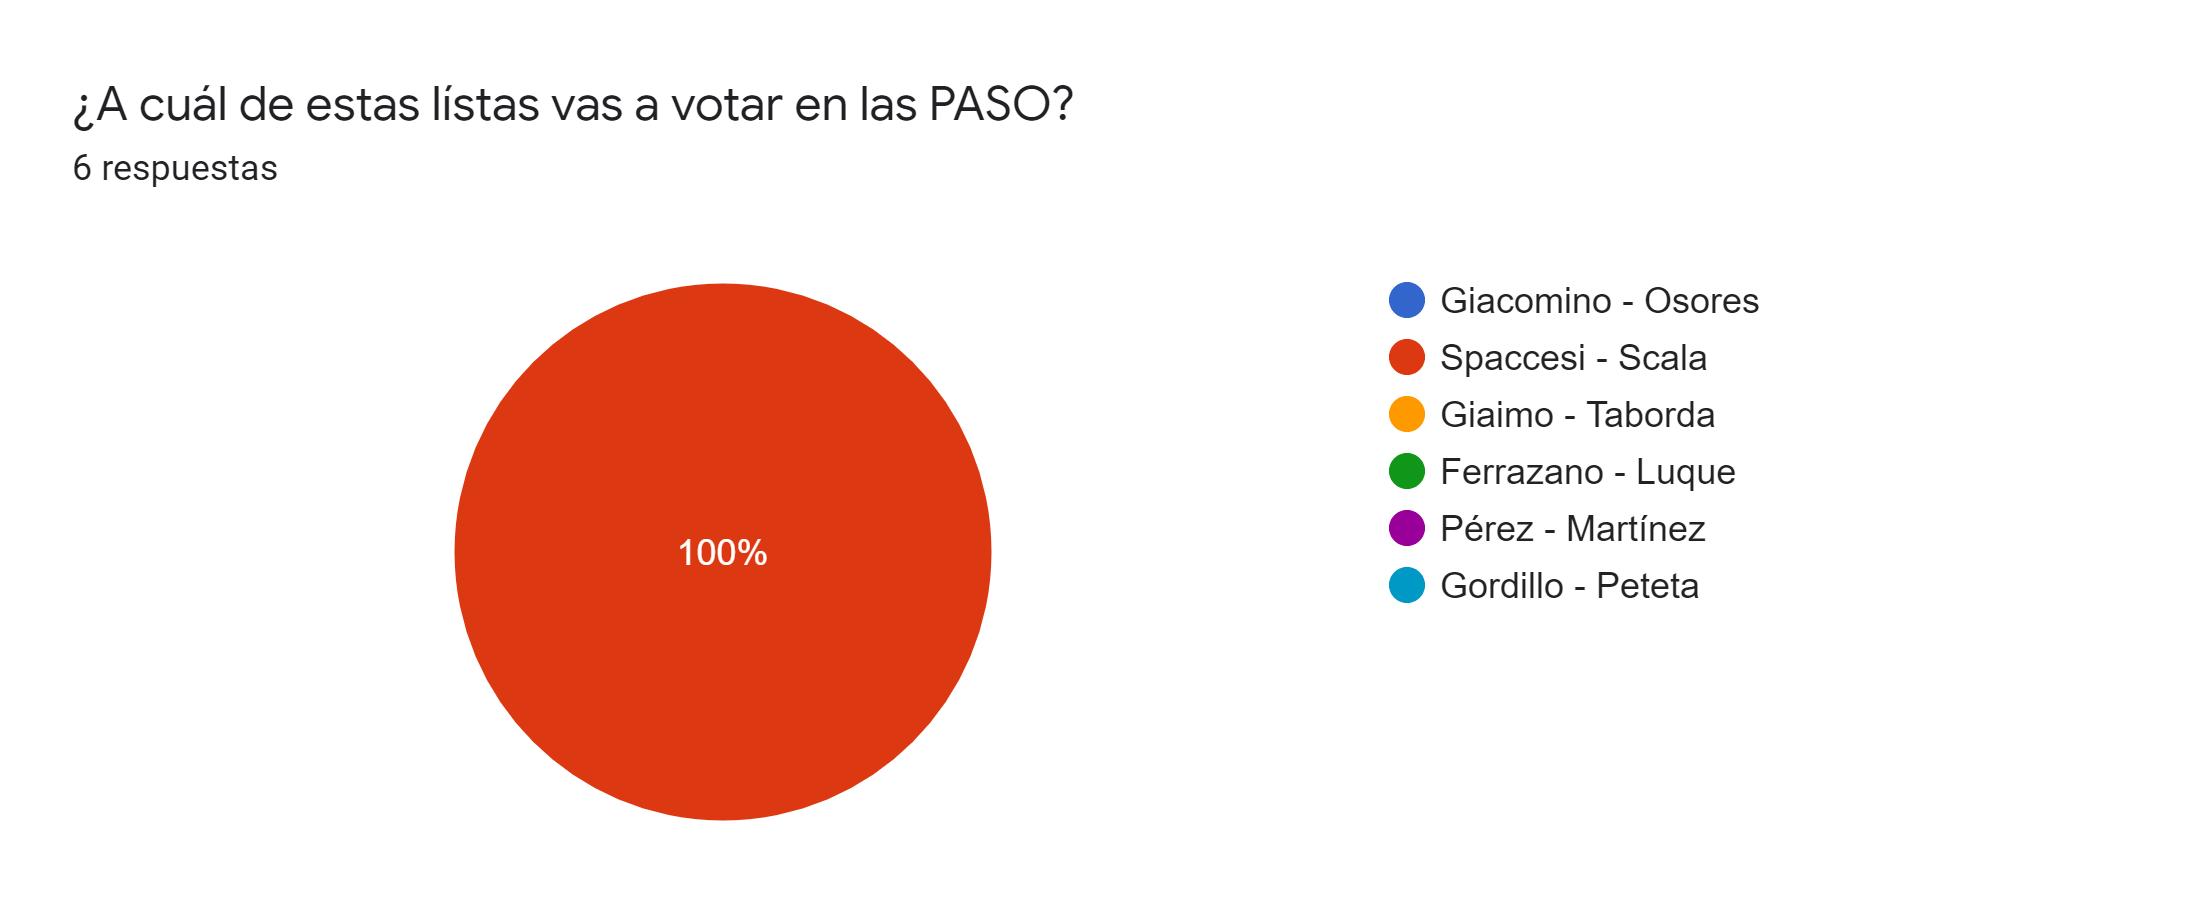 Gráfico de respuestas de formularios. Título de la pregunta:¿A cuál de estas lístas vas a votar en las PASO?. Número de respuestas:6 respuestas.